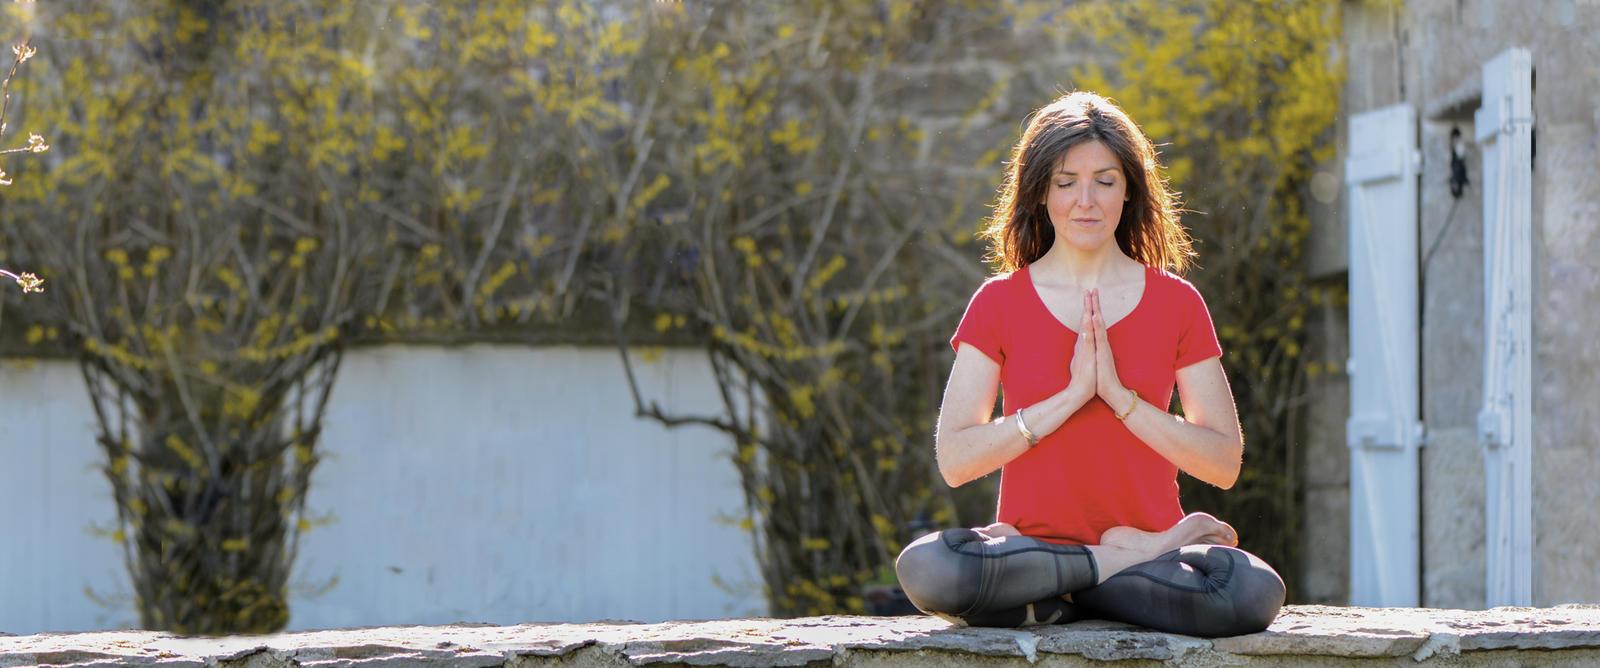 posture-viva-yoga-slider2-v2